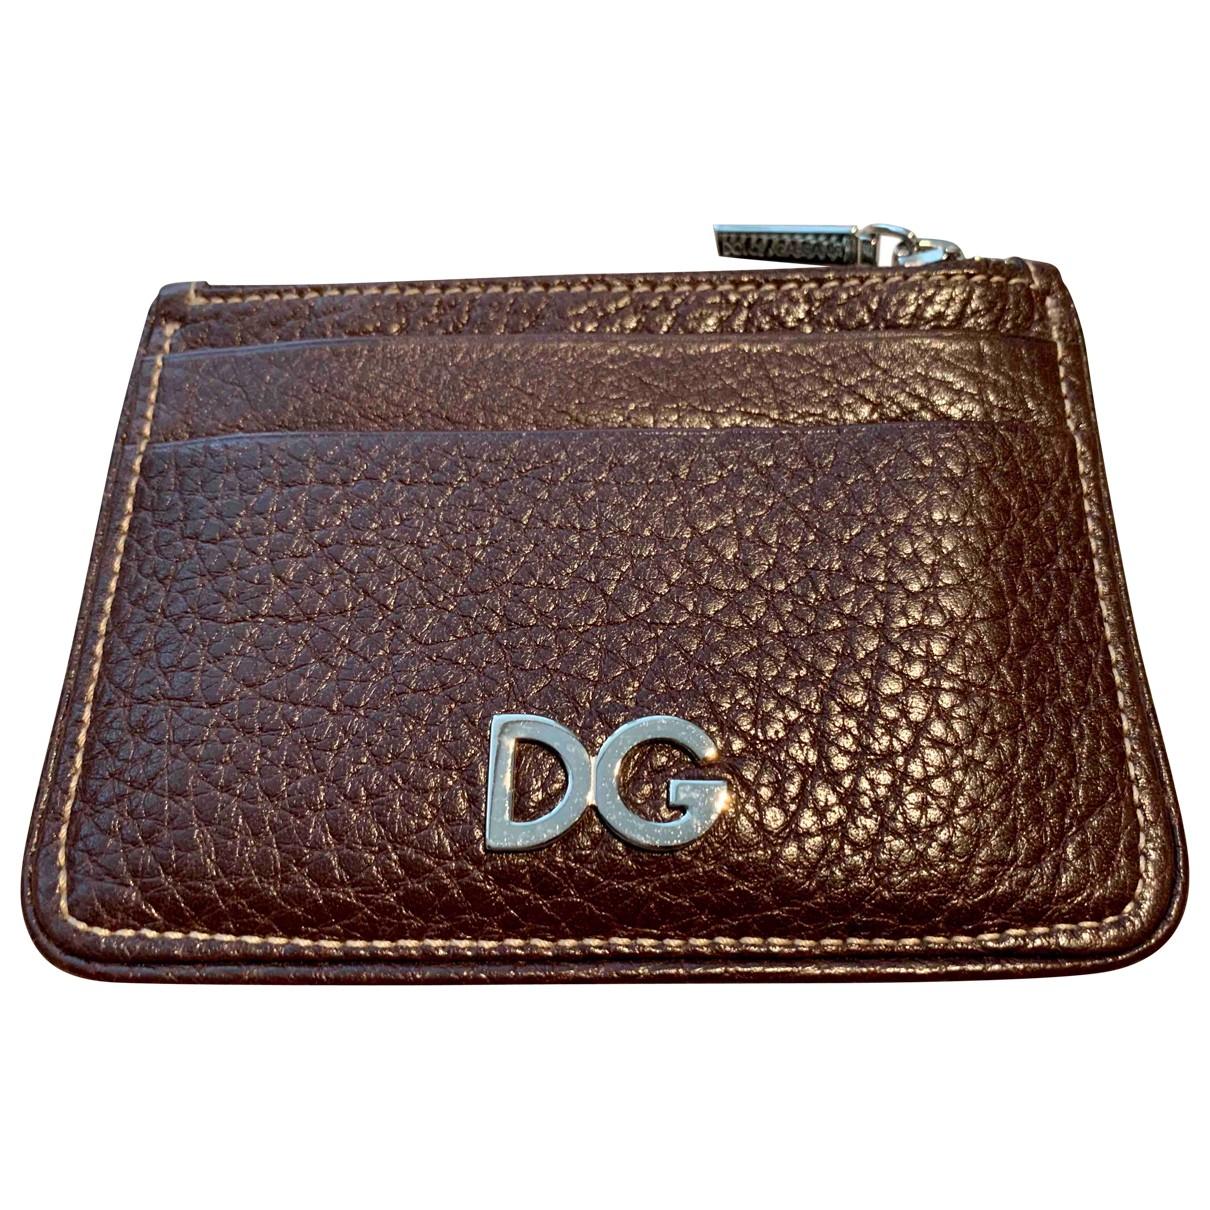 Dolce & Gabbana \N Kleinlederwaren in  Braun Leder